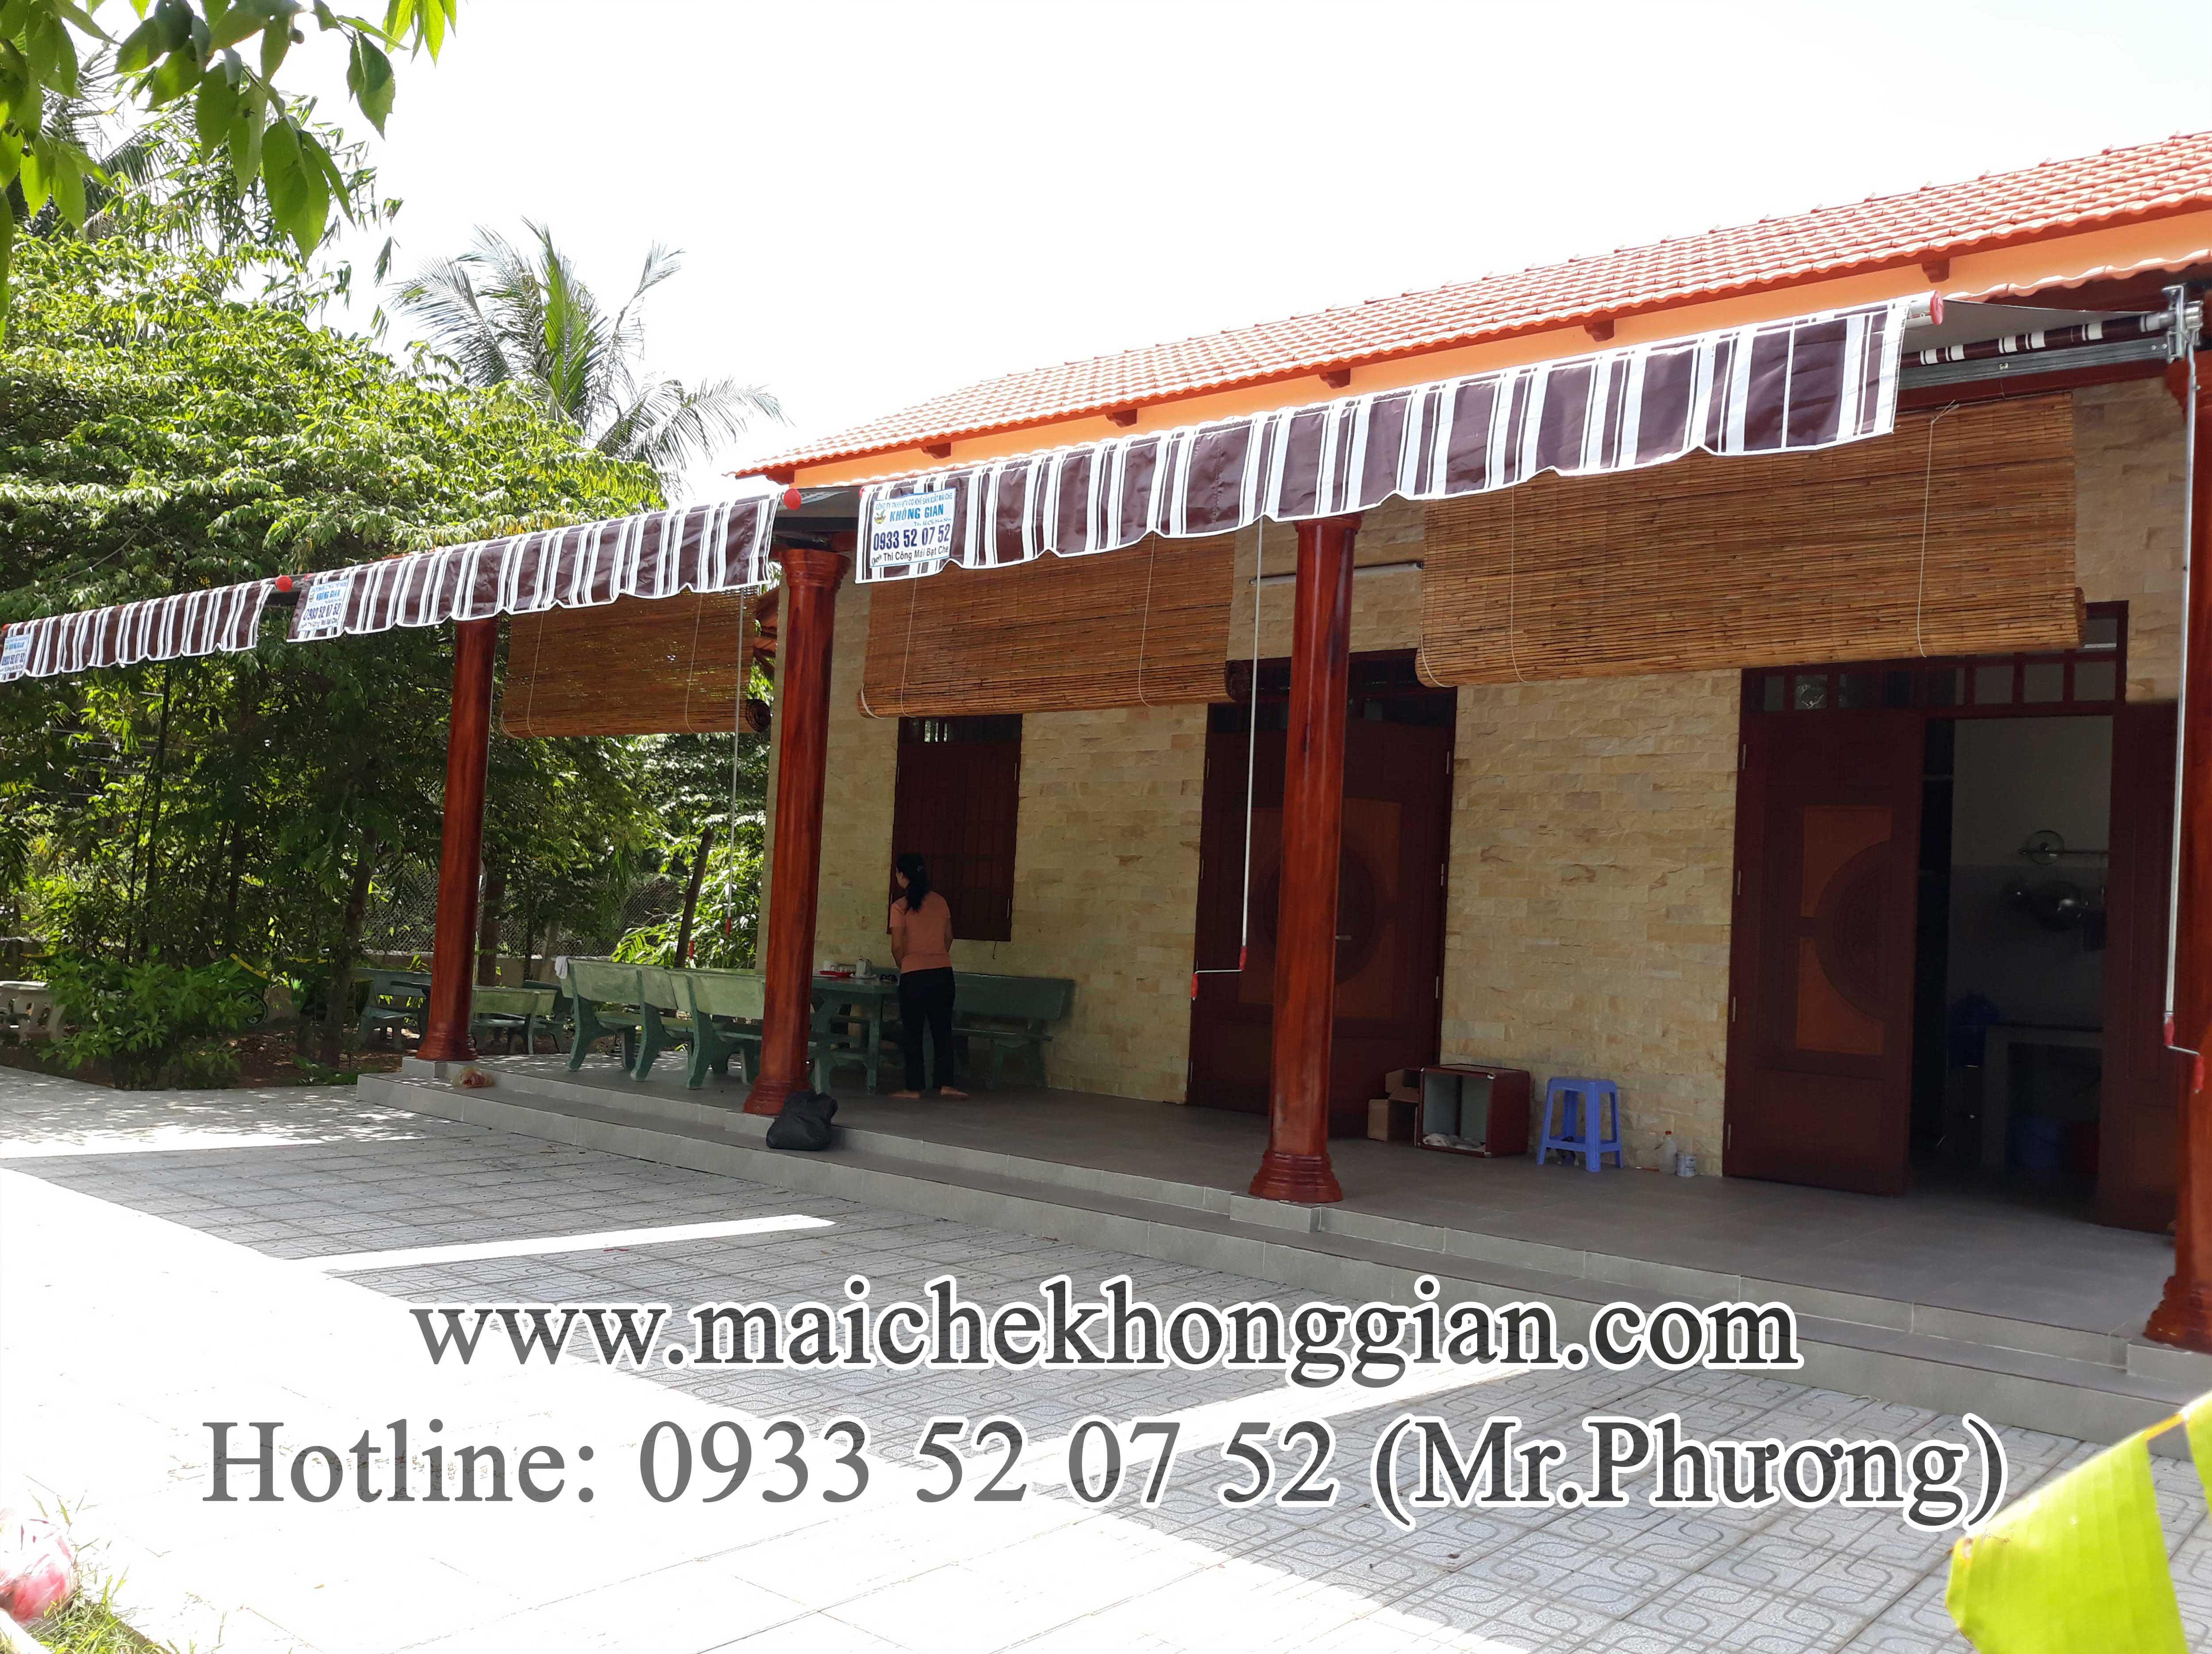 Mái Hiên Che Mưa Nắng Tân Phú Đông Tiền Giang